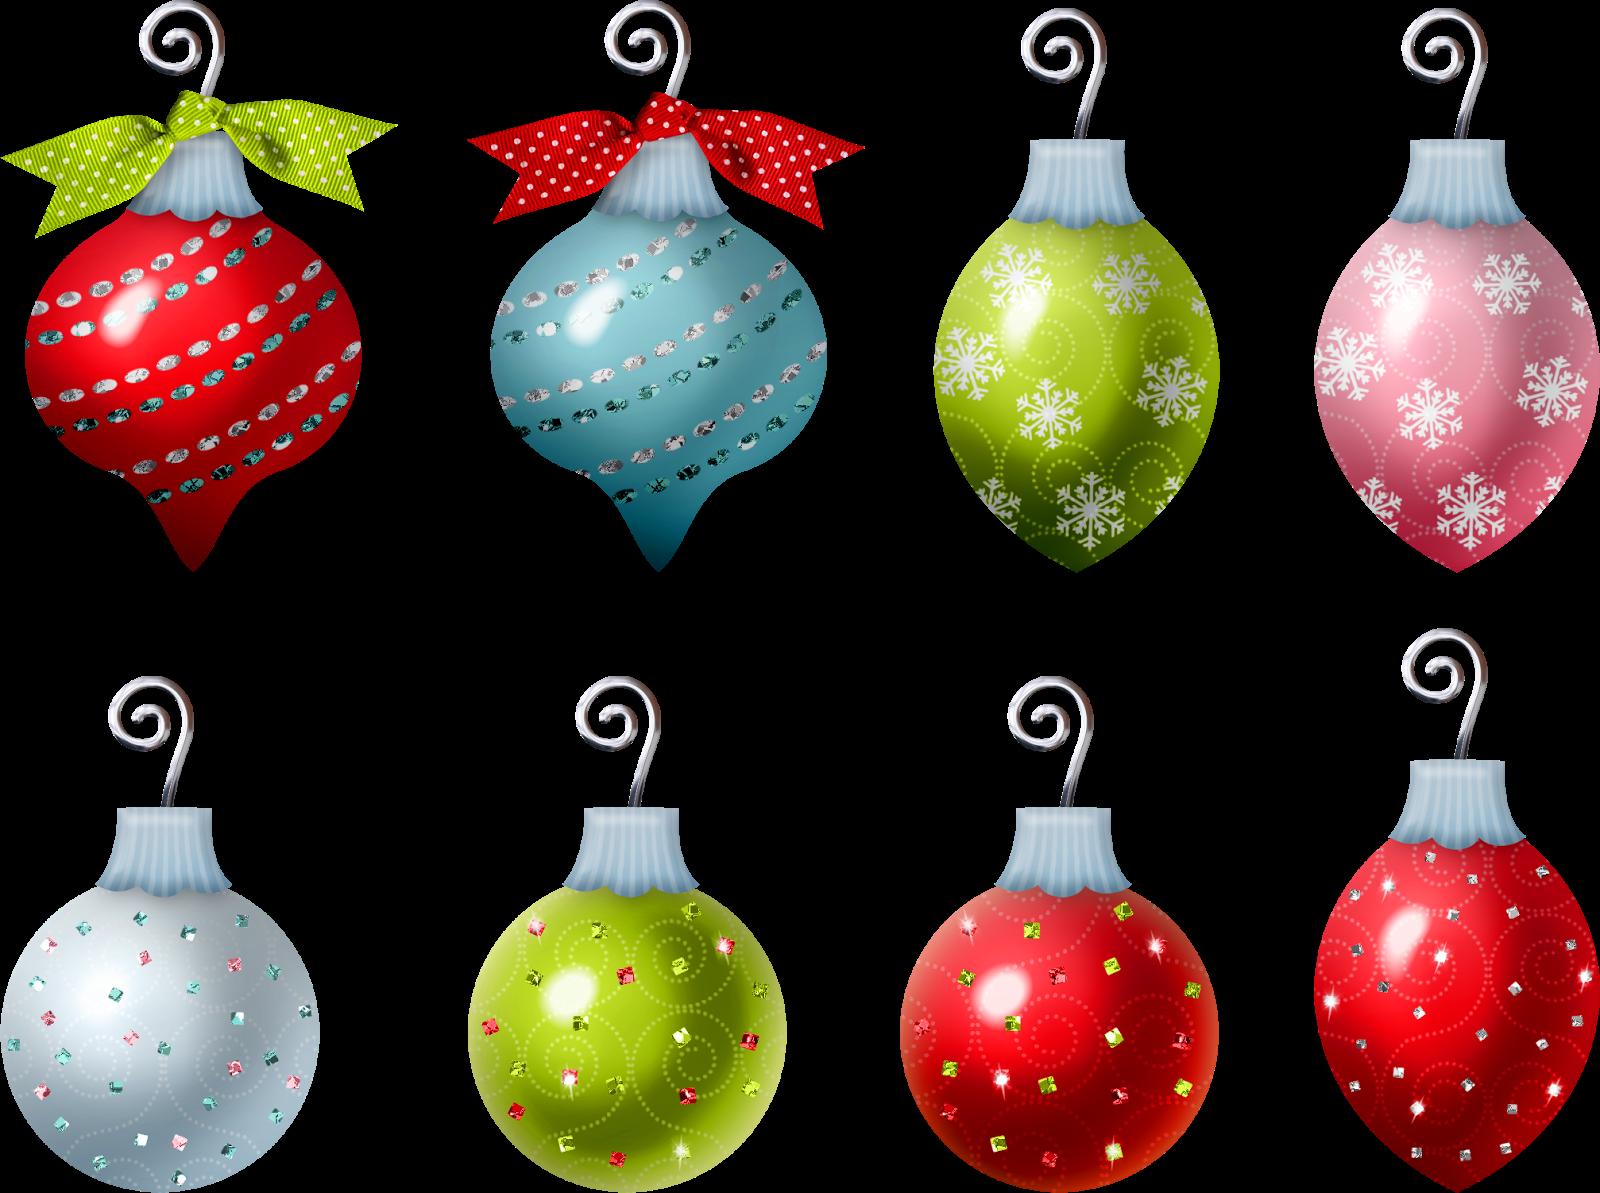 Esferas animadas gallery - Esferas de navidad ...